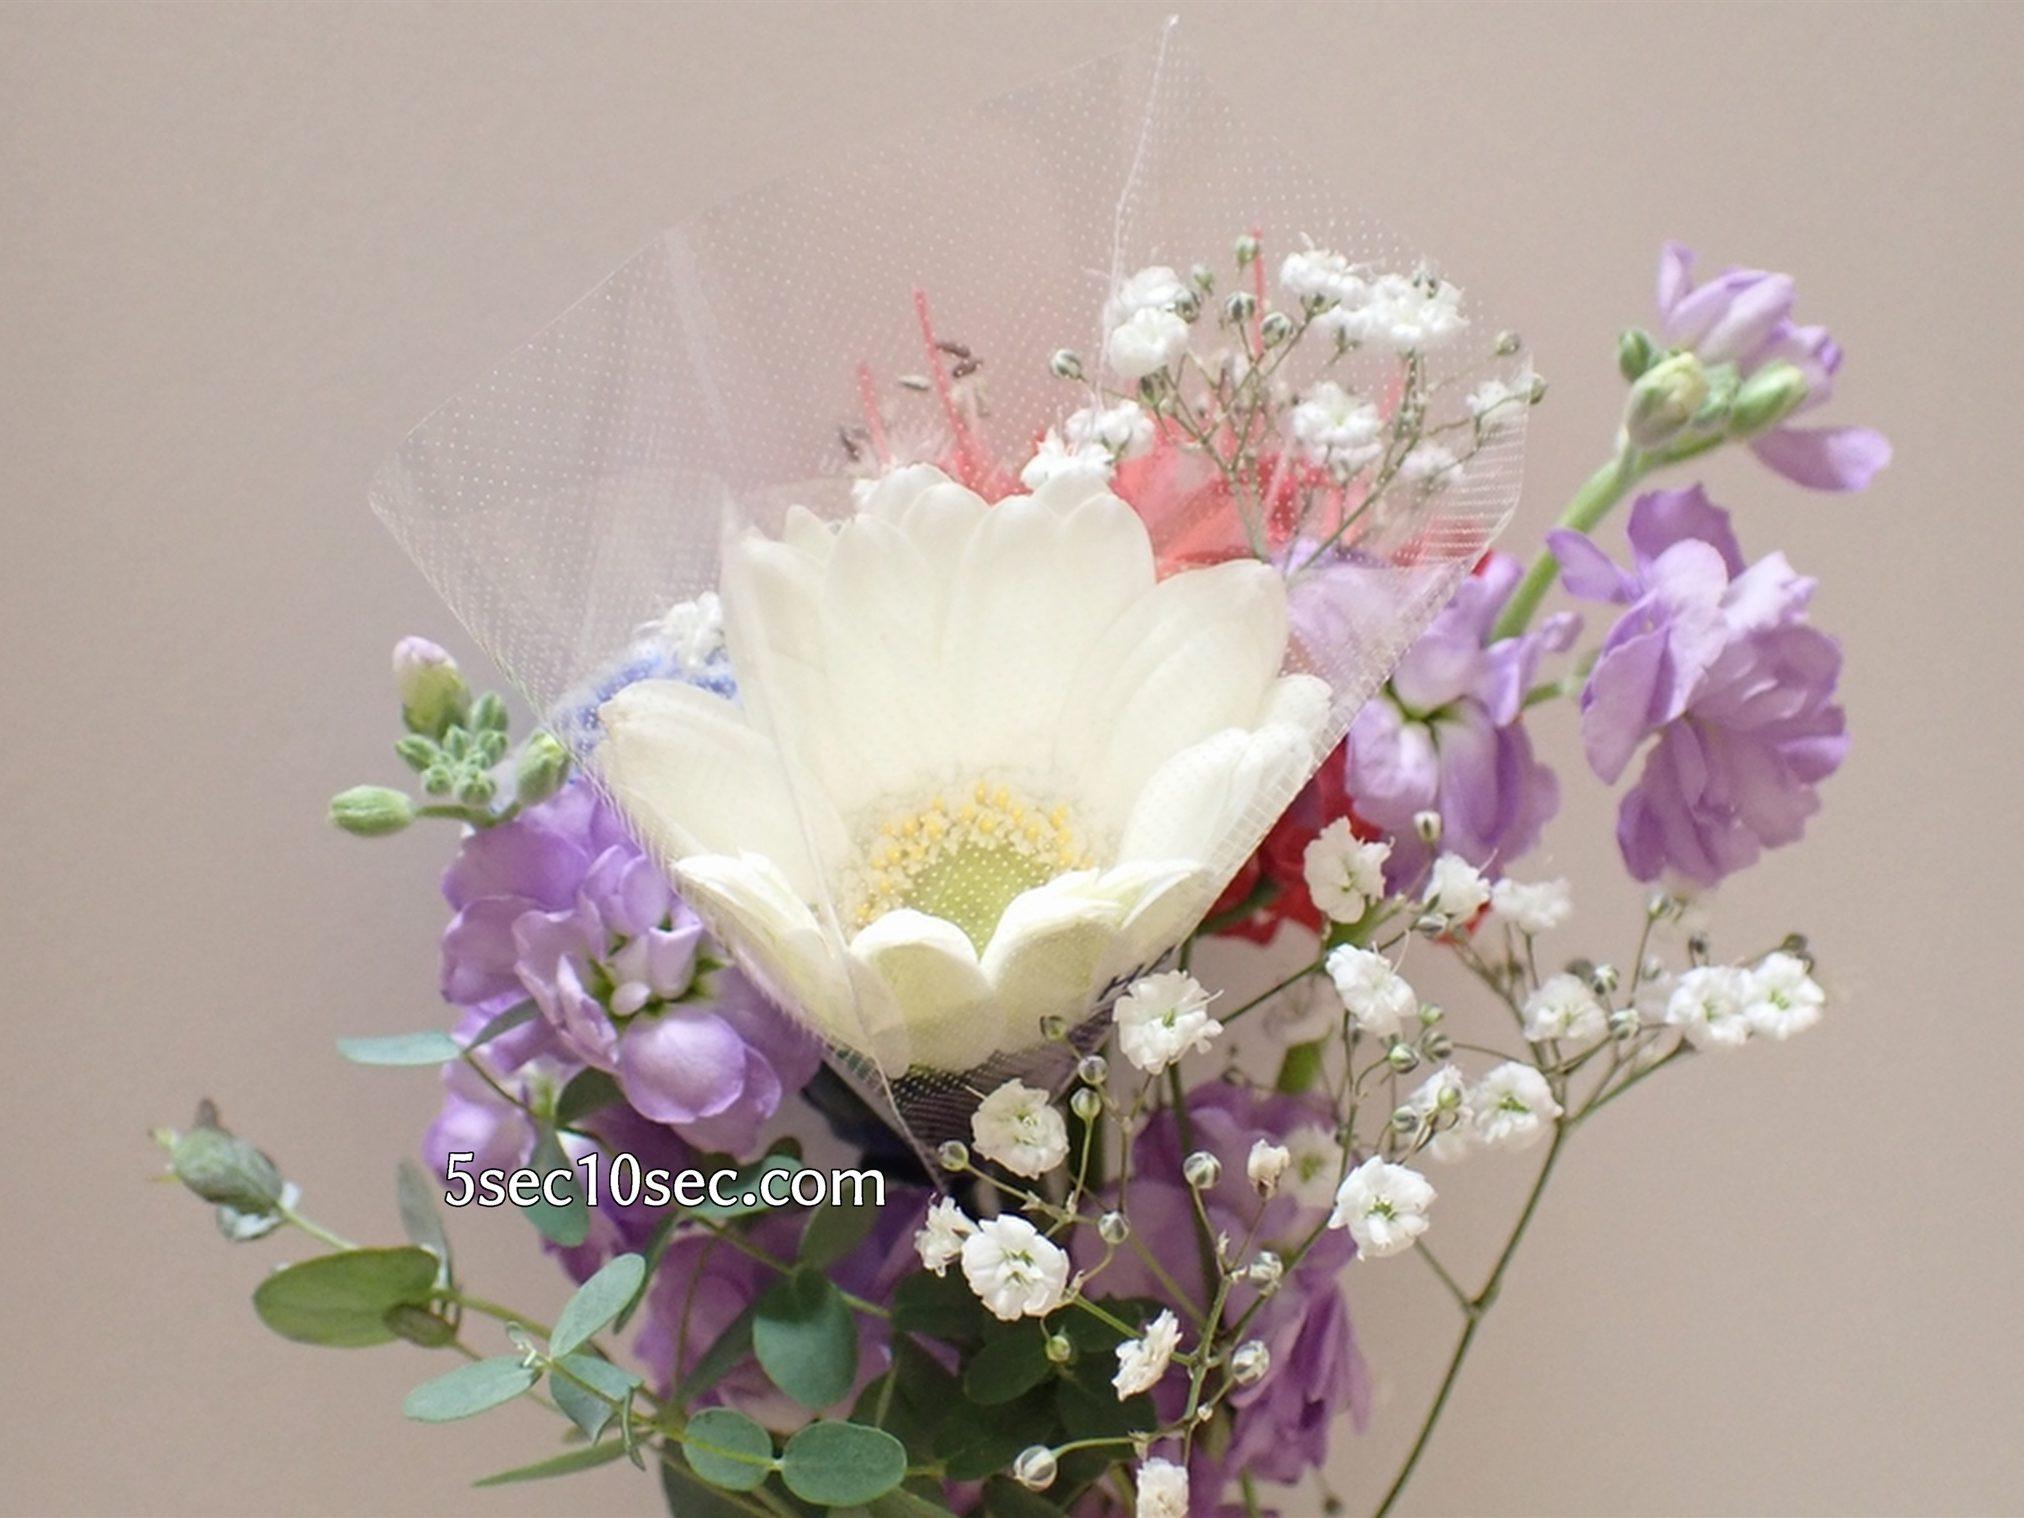 株式会社Crunch Style お花の定期便 Bloomee LIFE ブルーミーライフ 800円のレギュラープラン 真っ白なガーベラは個別に保護された状態で届きました